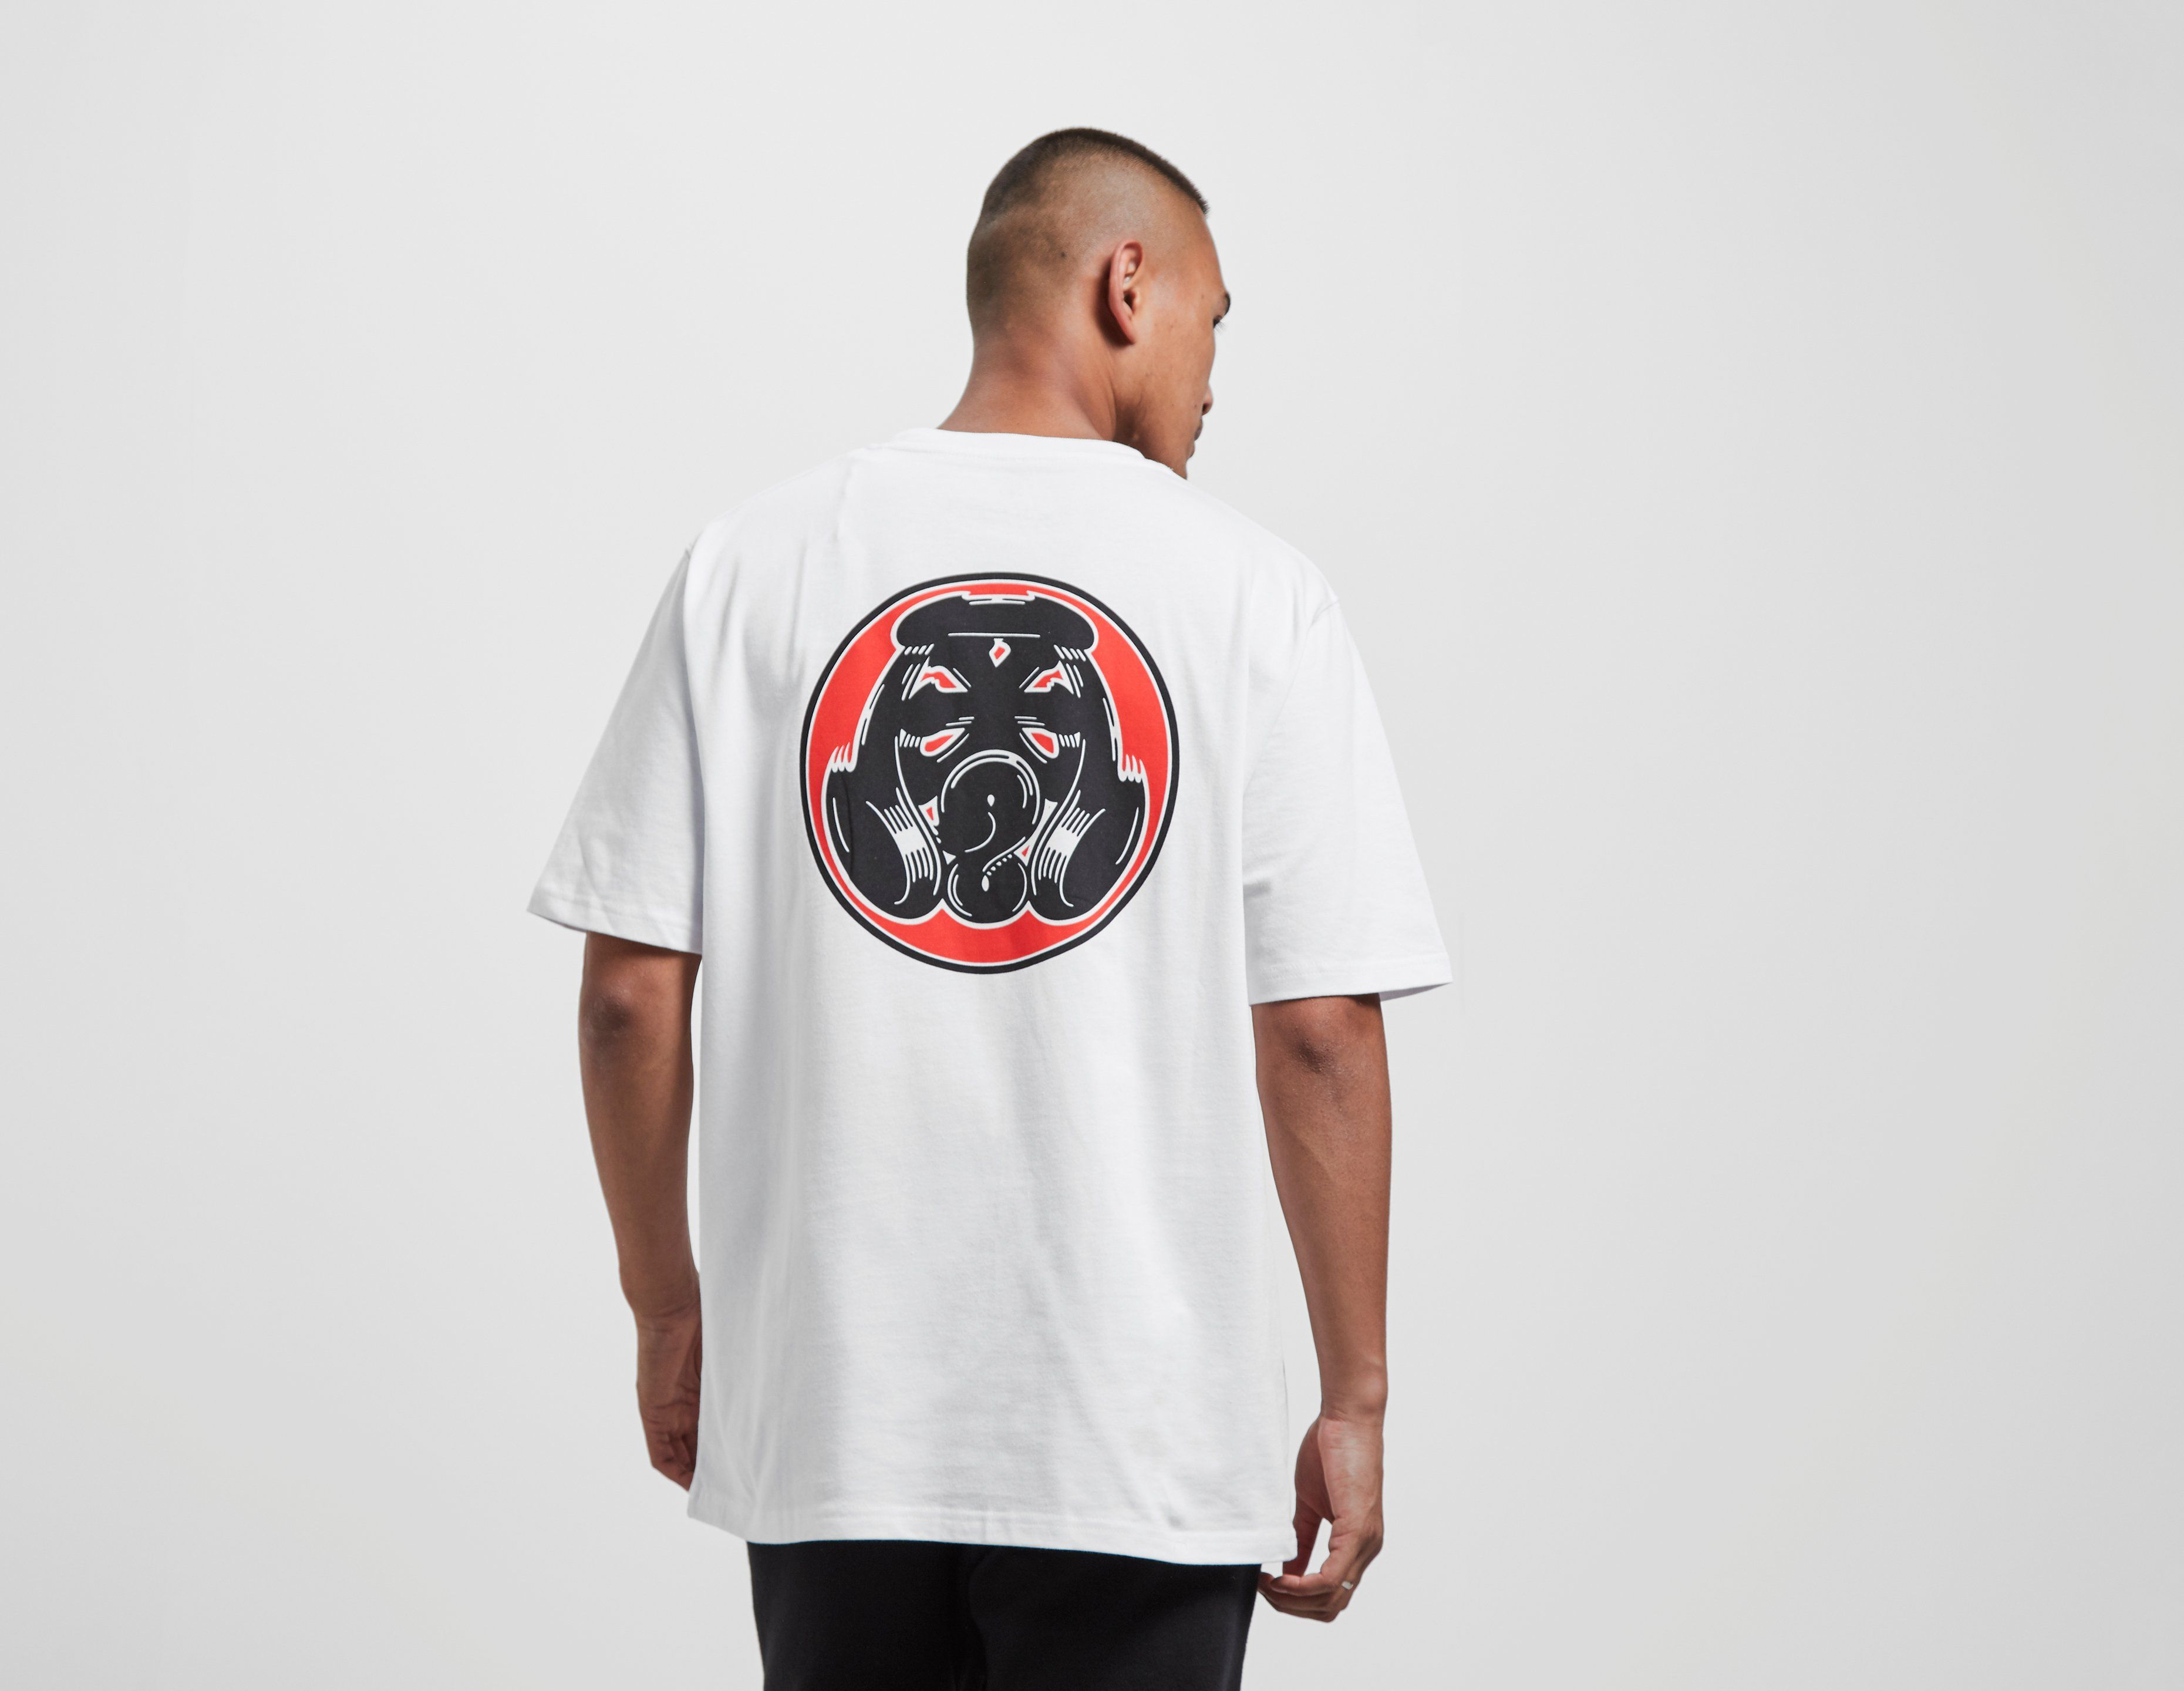 Footpatrol x Sneakerwolf T-Shirt 'Communi T'